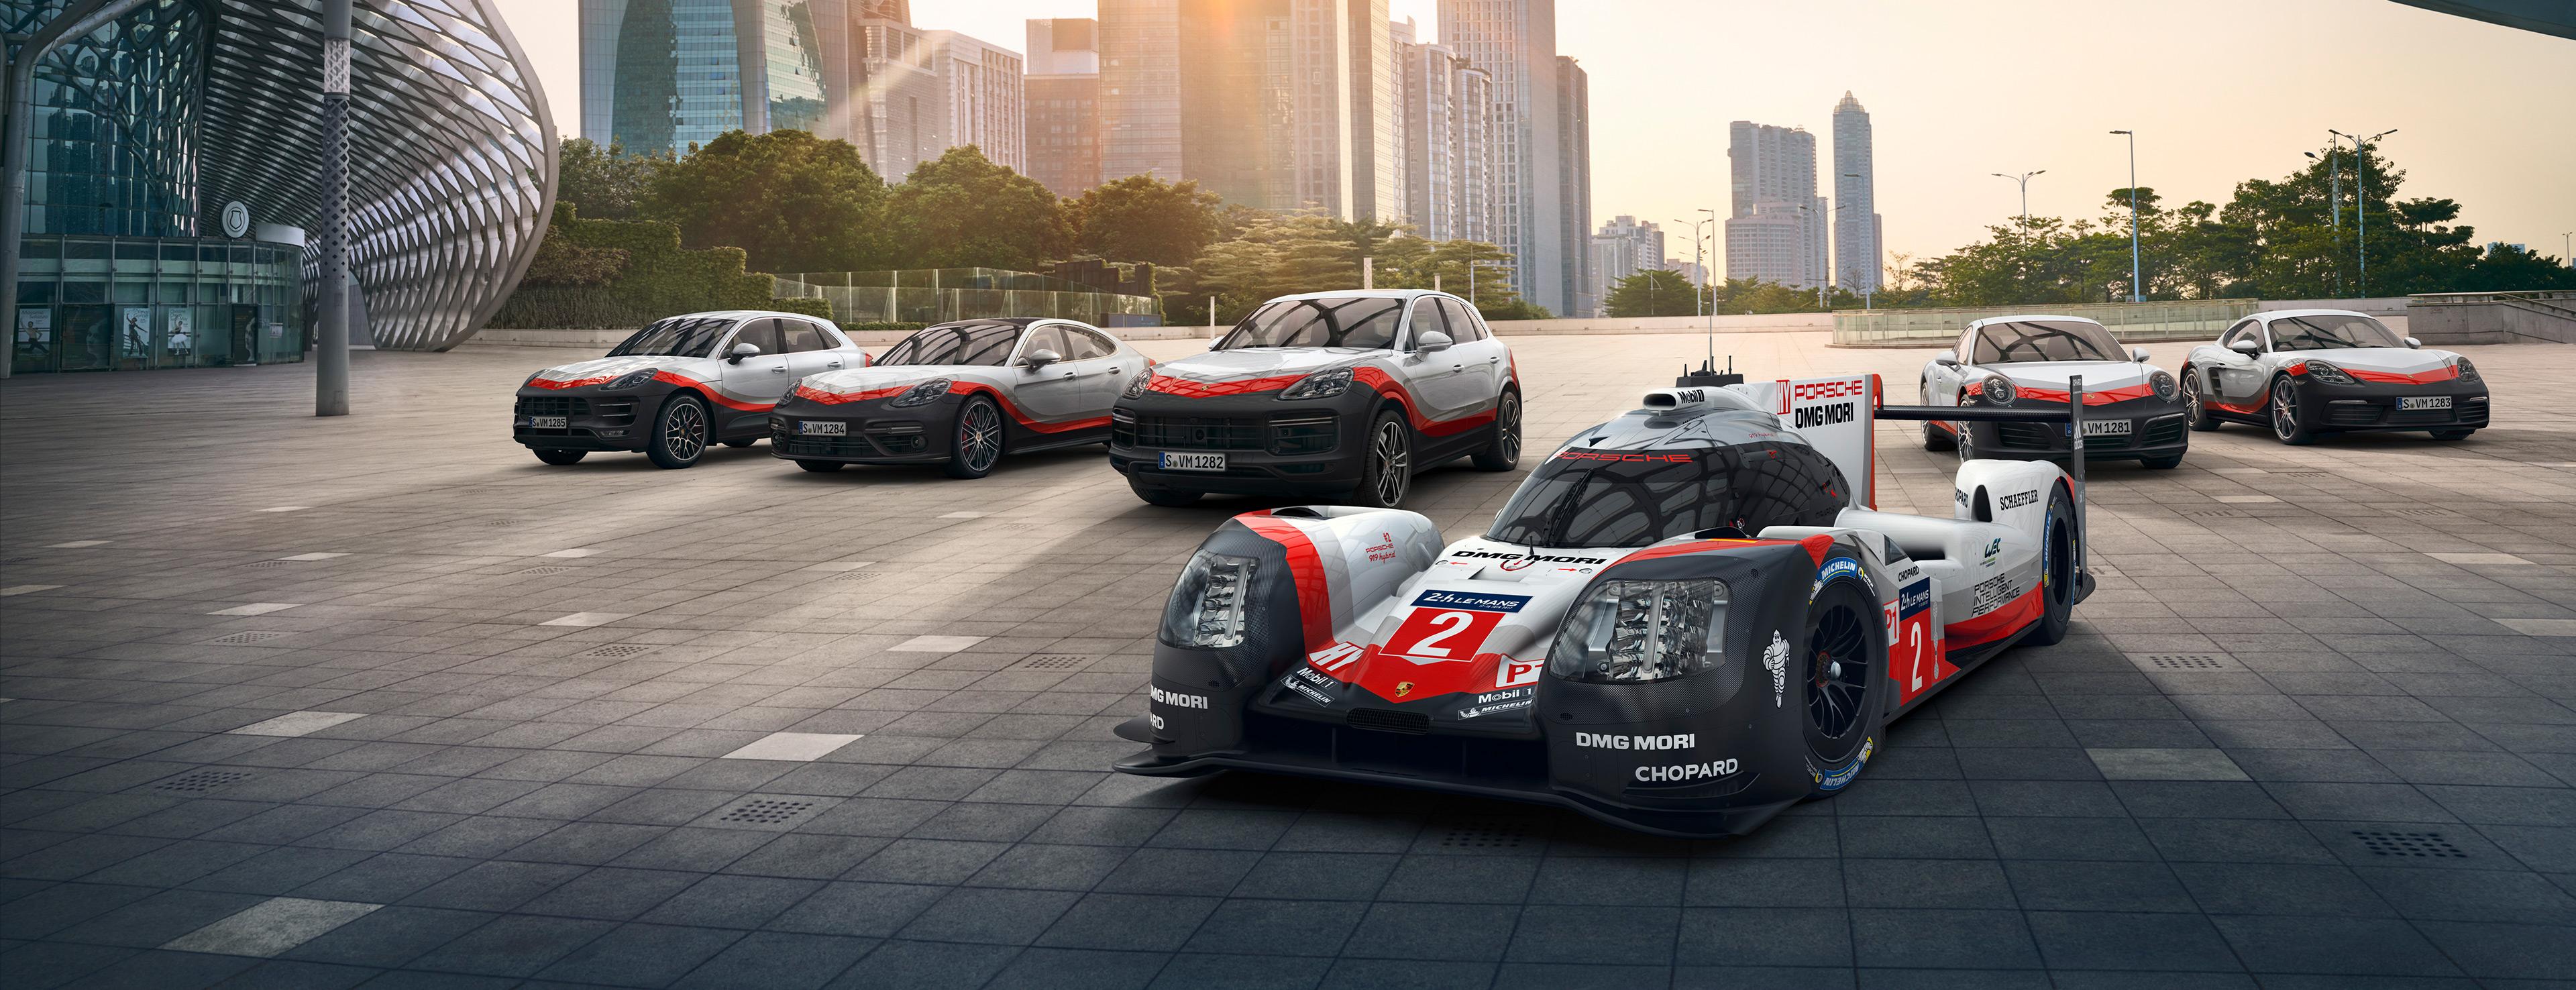 Porsche - Motorsports